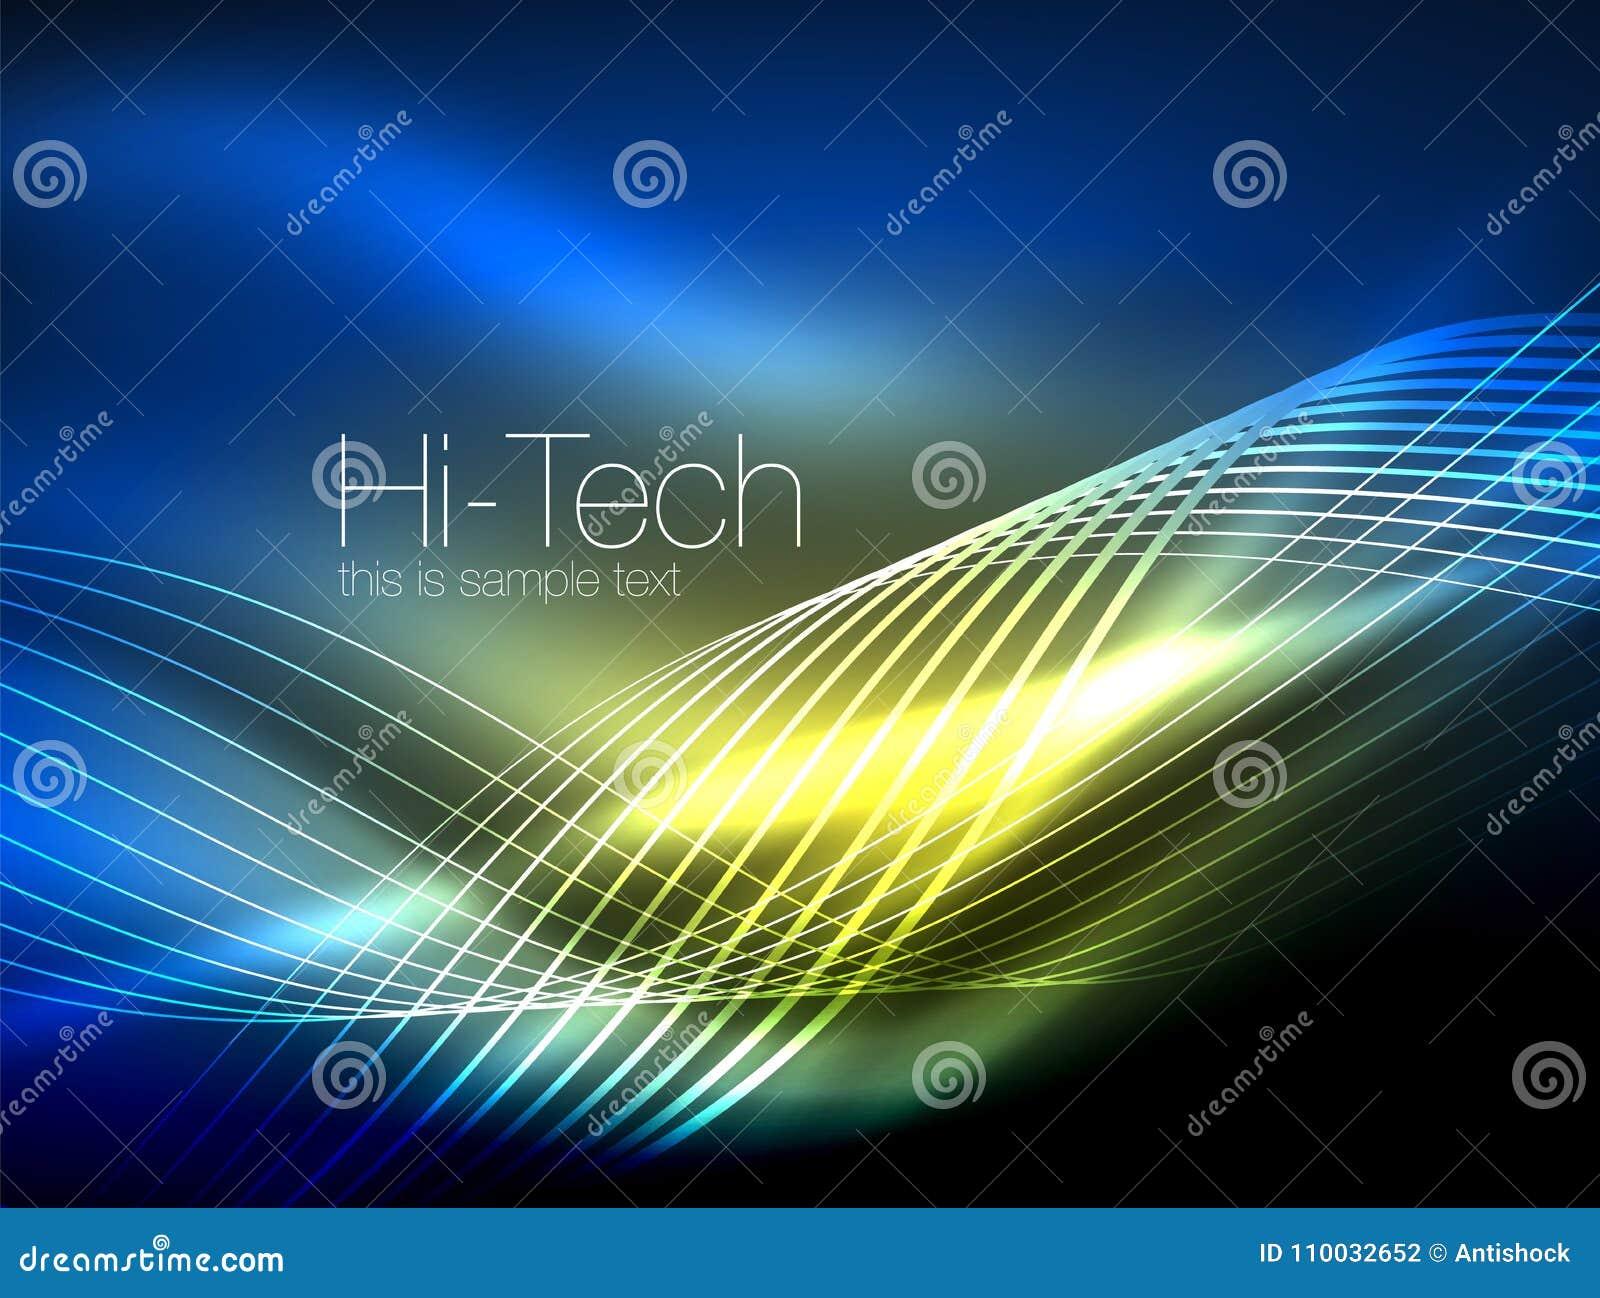 Elegante neon stromende strepen, vlotte golven met lichteffecten